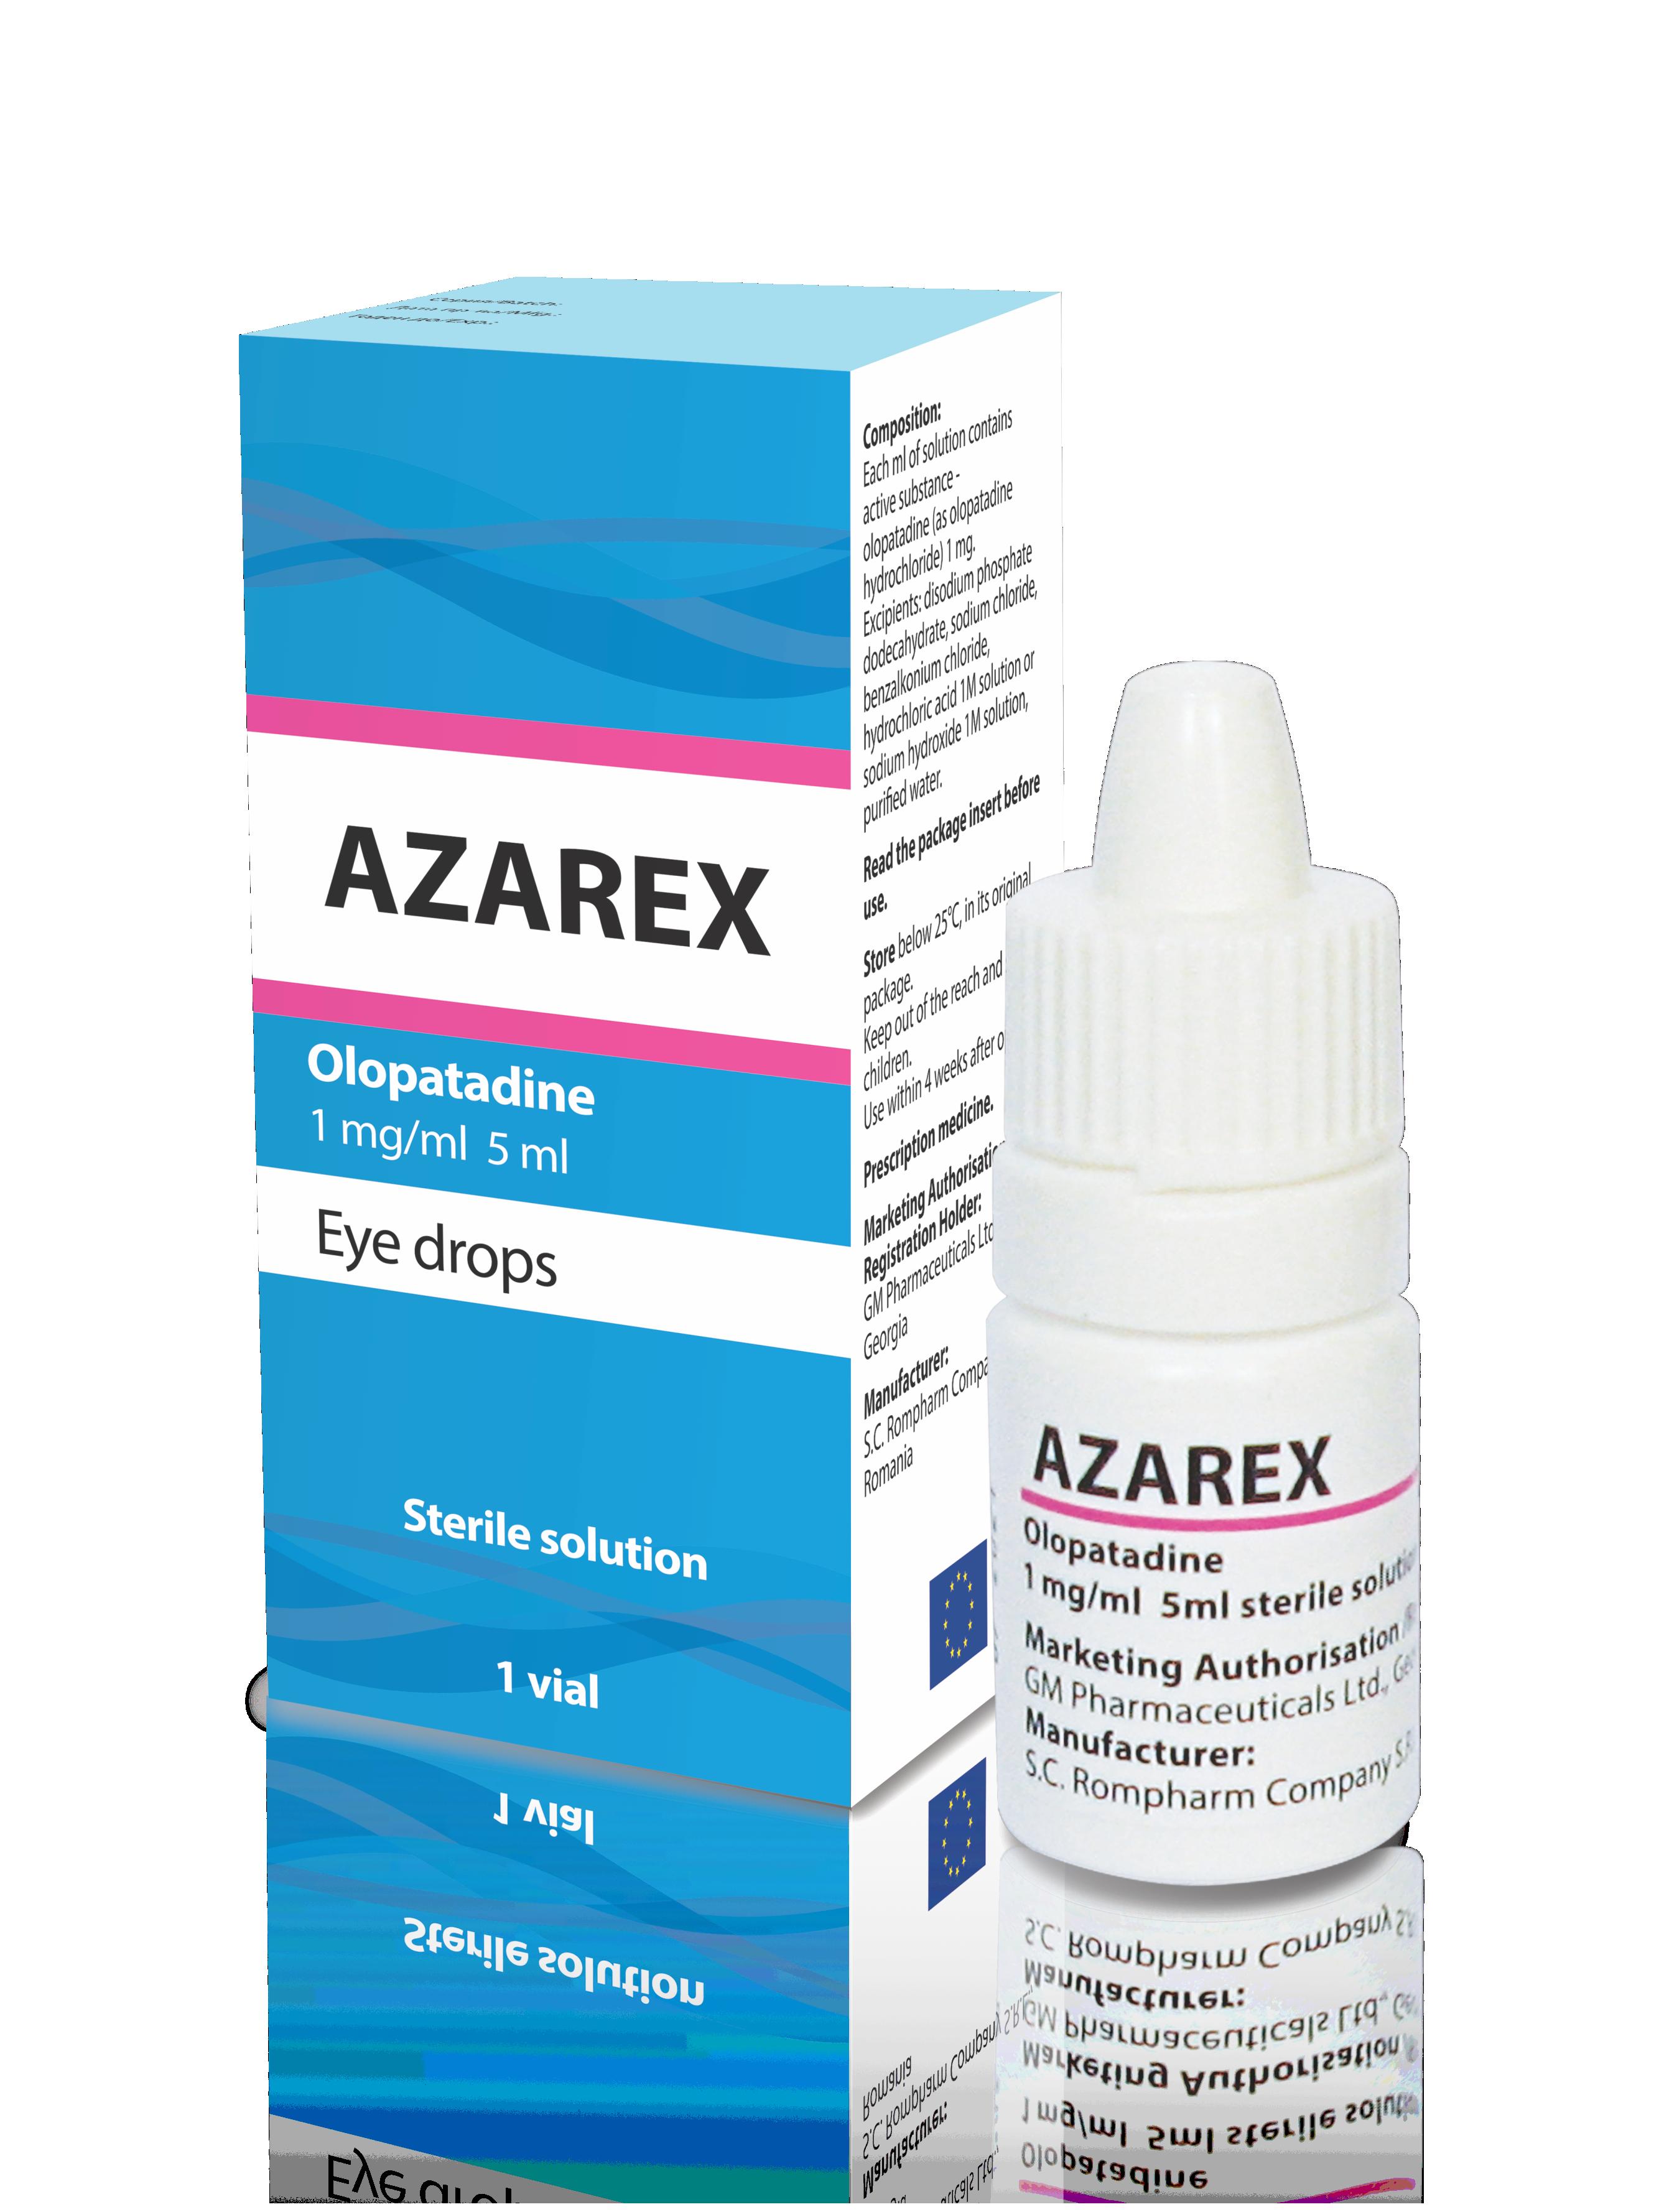 აზარექსი / AZAREX